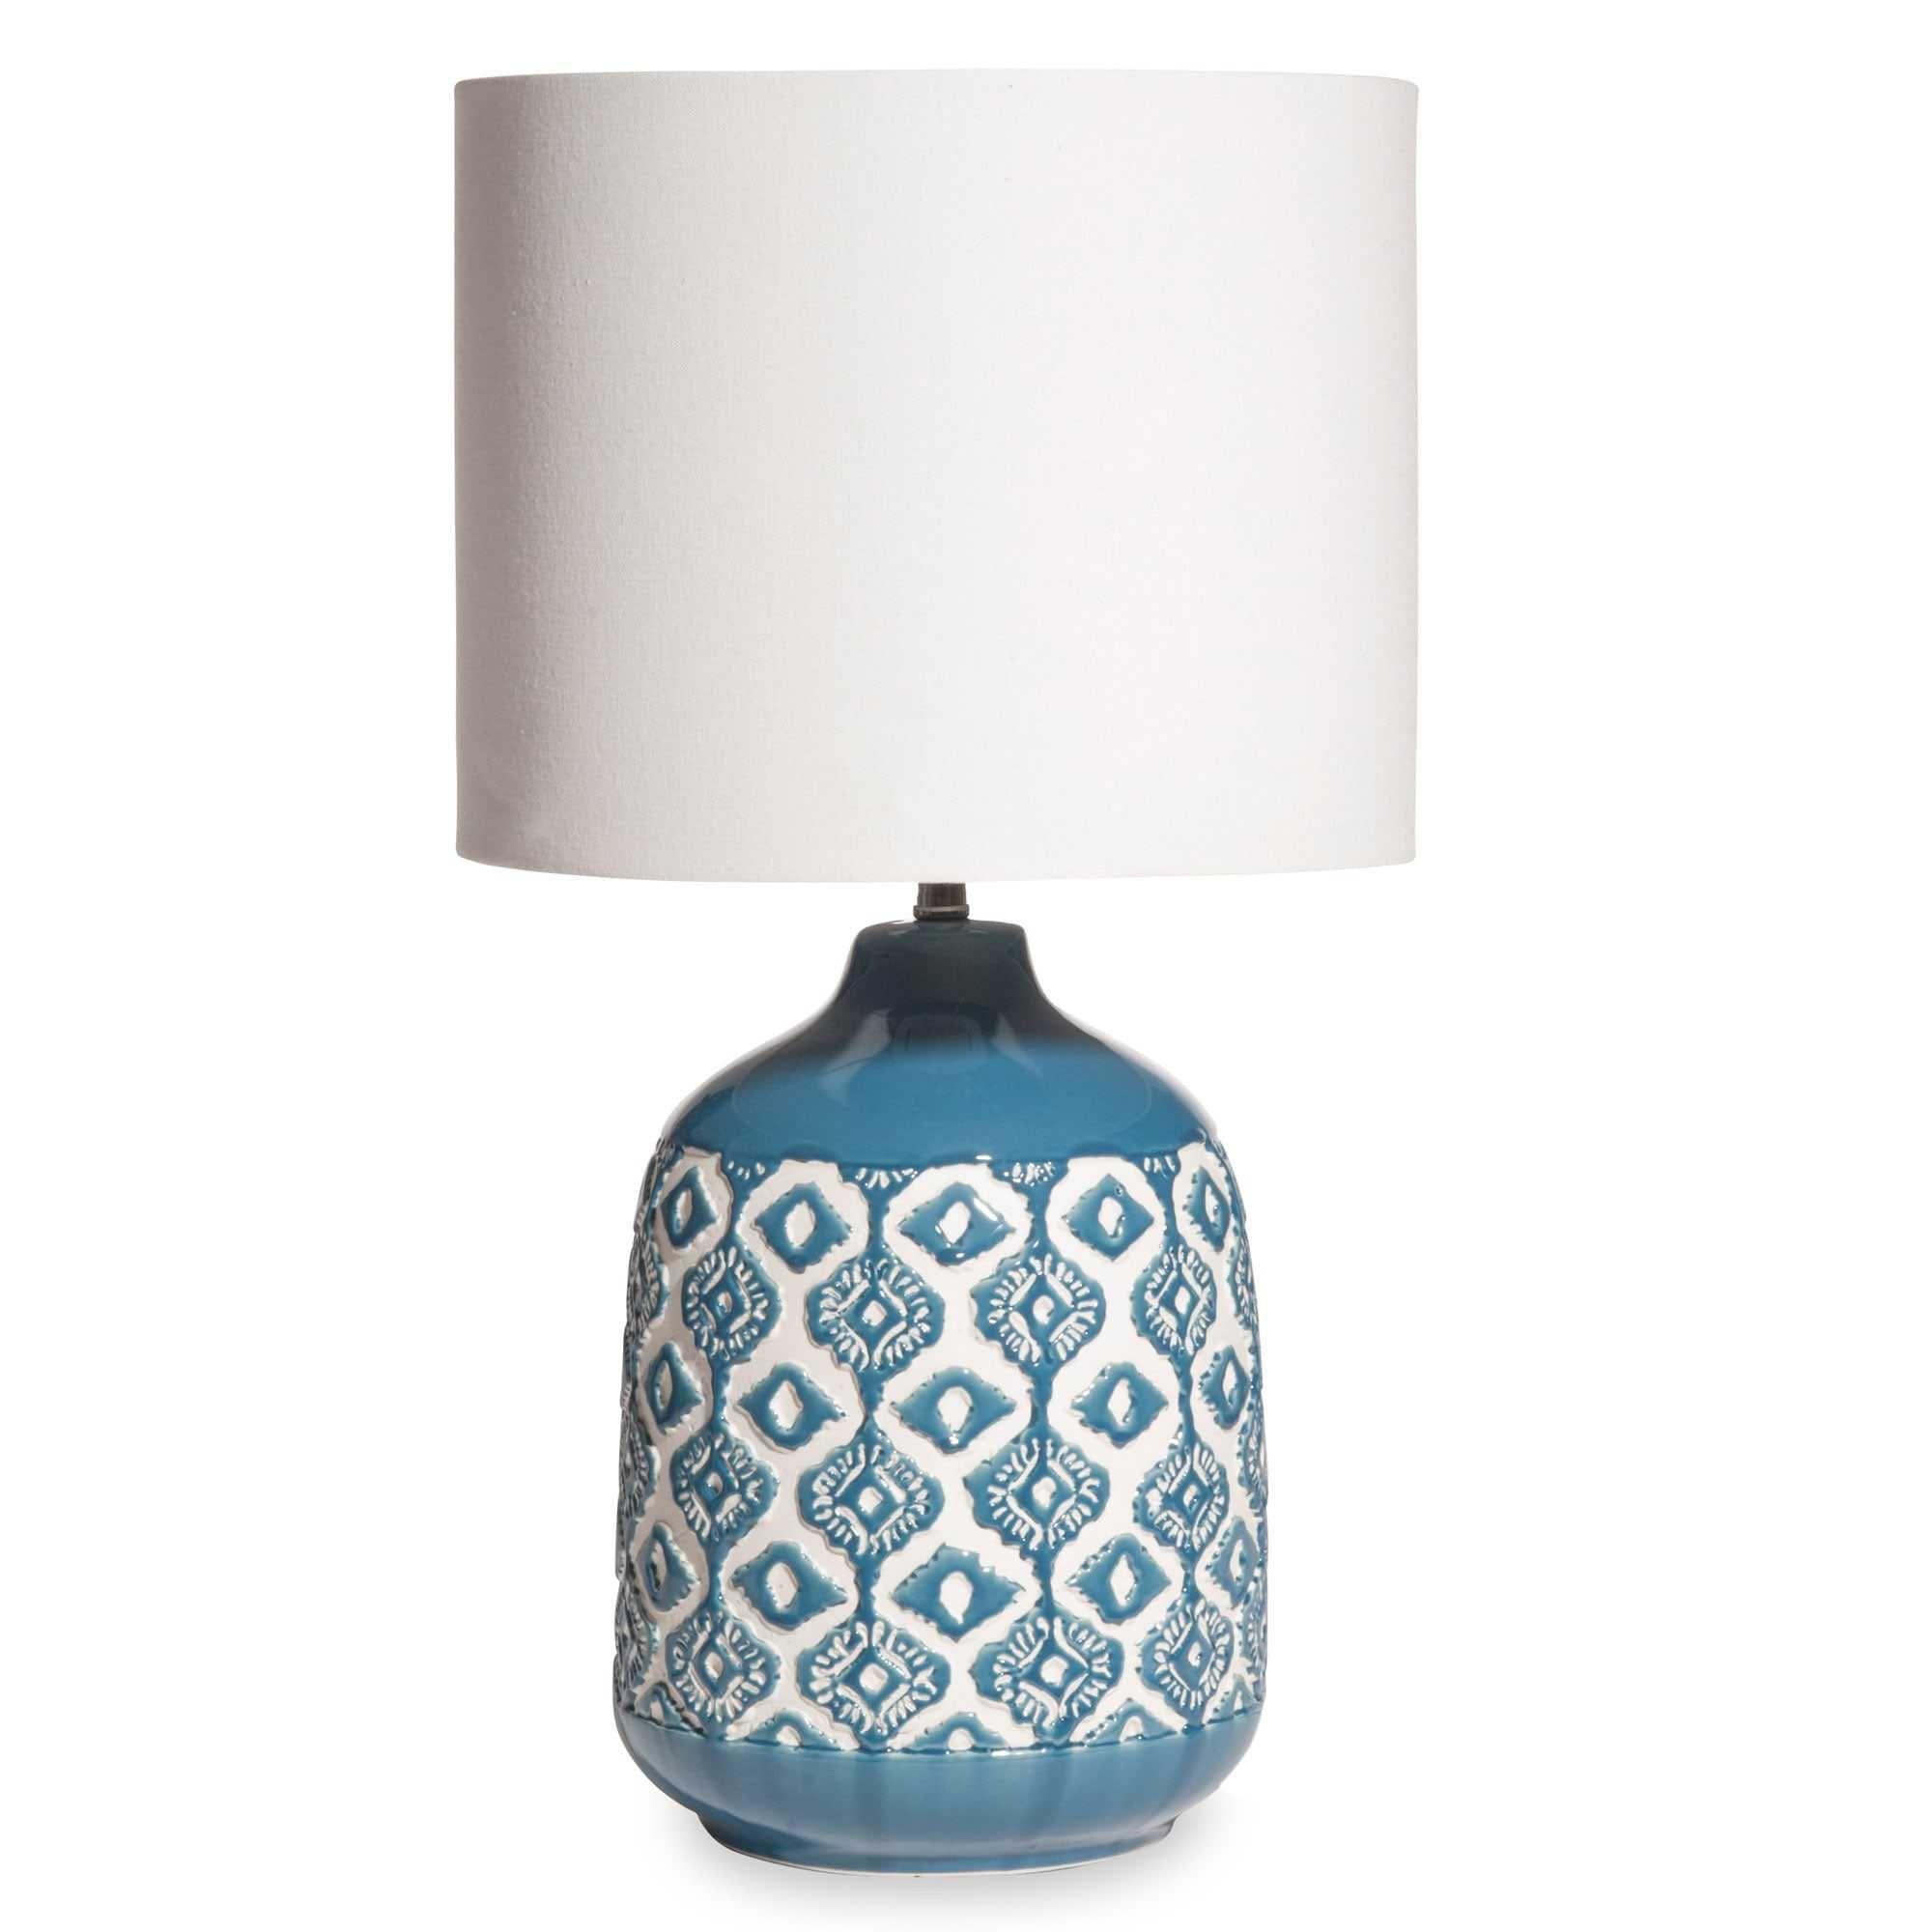 phantasievolle inspiration keramik tischlampe abzukühlen abbild und facccf